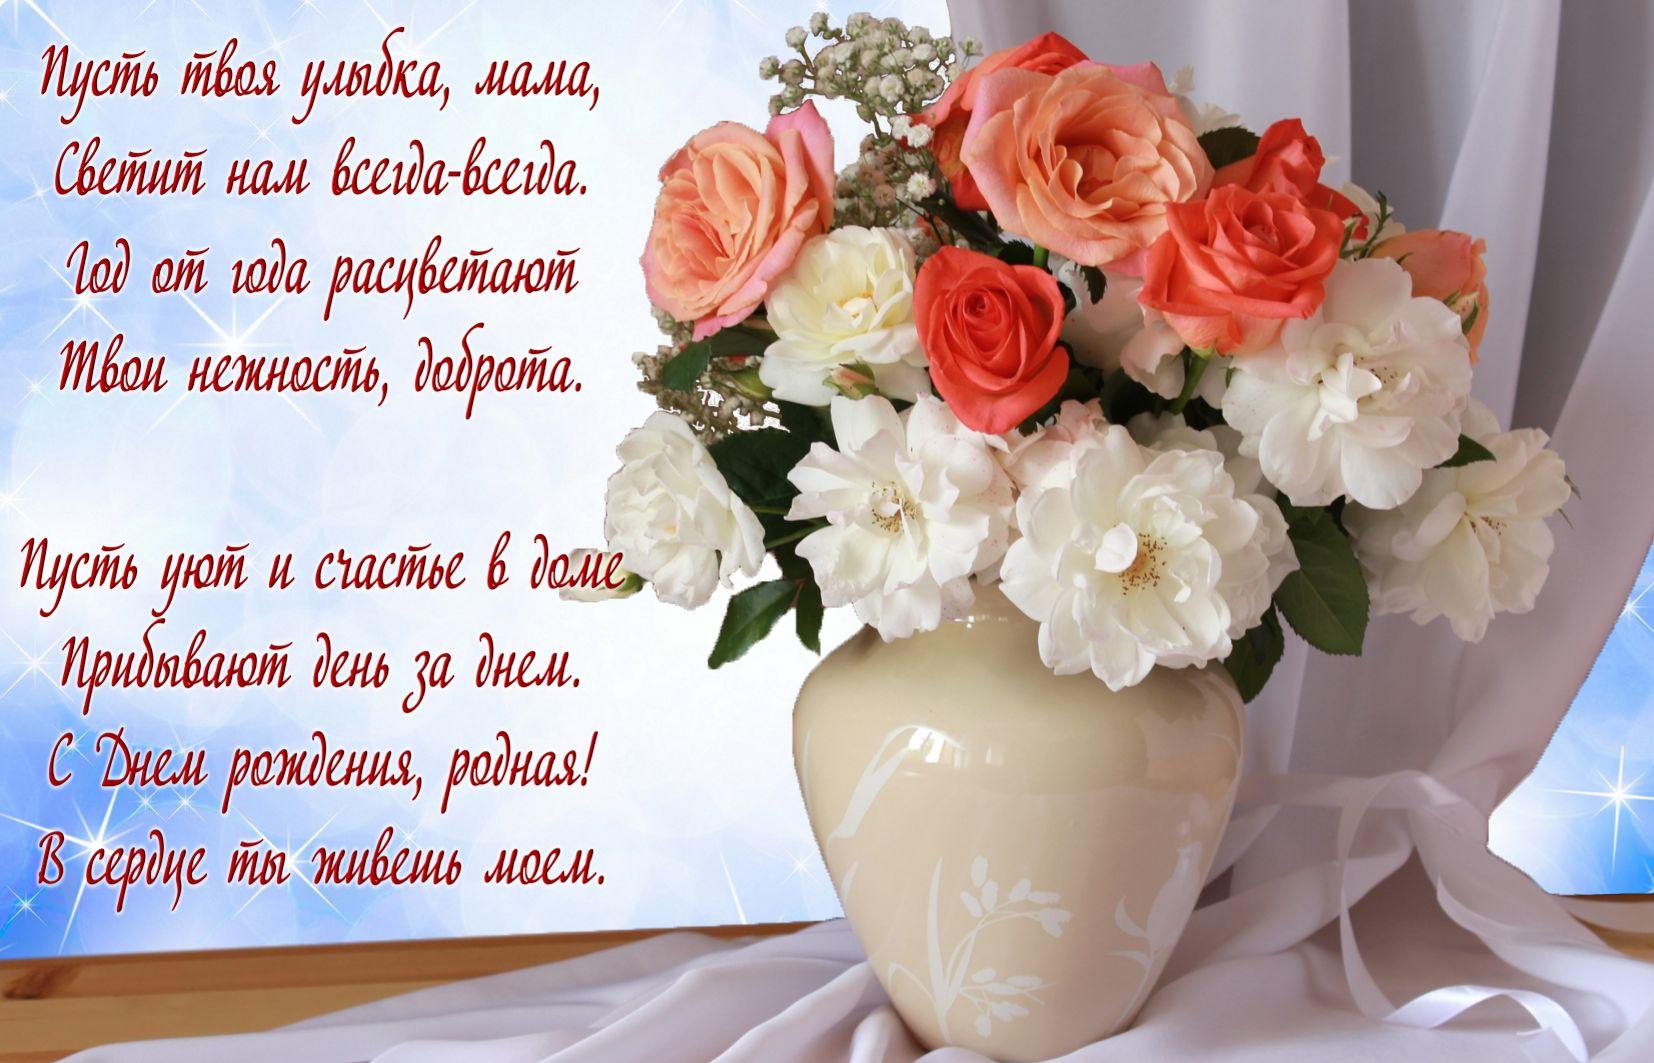 Цветы для мамы картинки в день рождения, маме